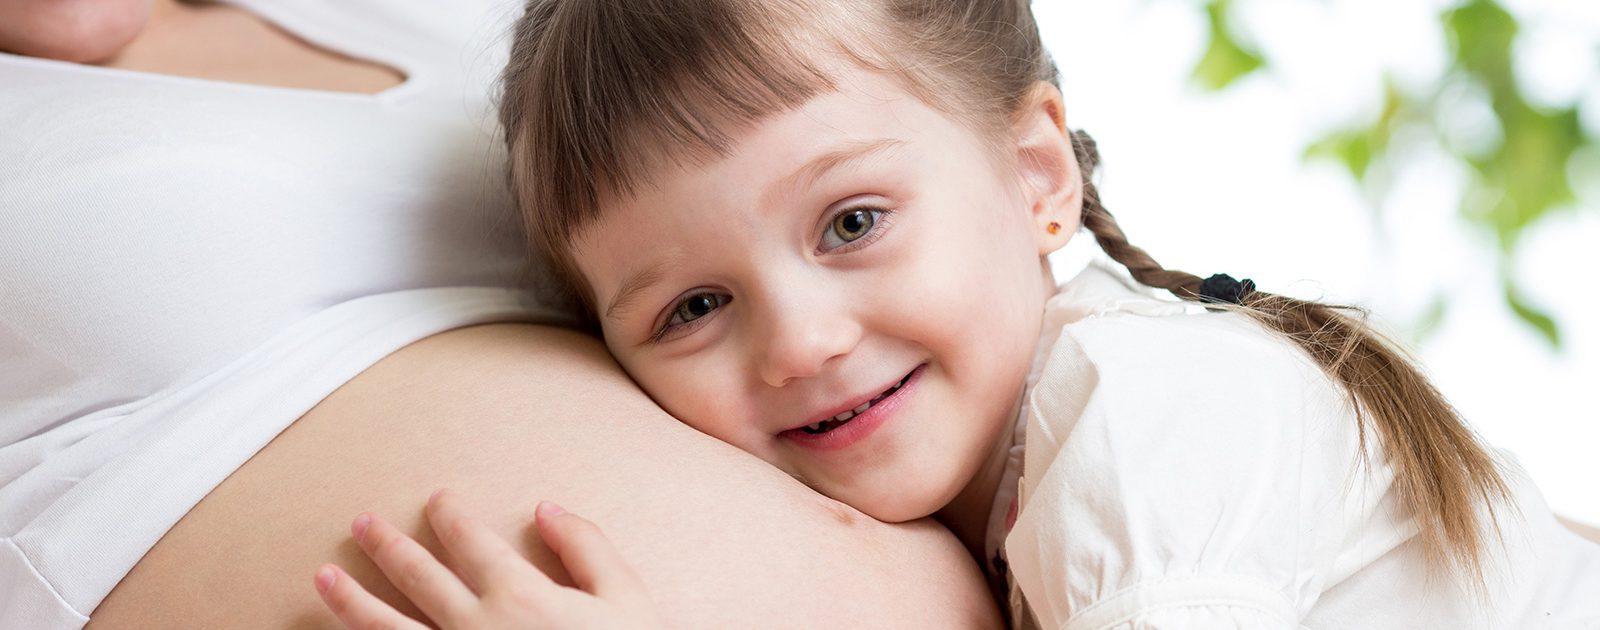 Kind liegt auf dem Schwangerschaftsbauch der Mutter: Teilnahme an der Schwangerschaft der Mutter beugt Eifersucht unter Geschwistern vor